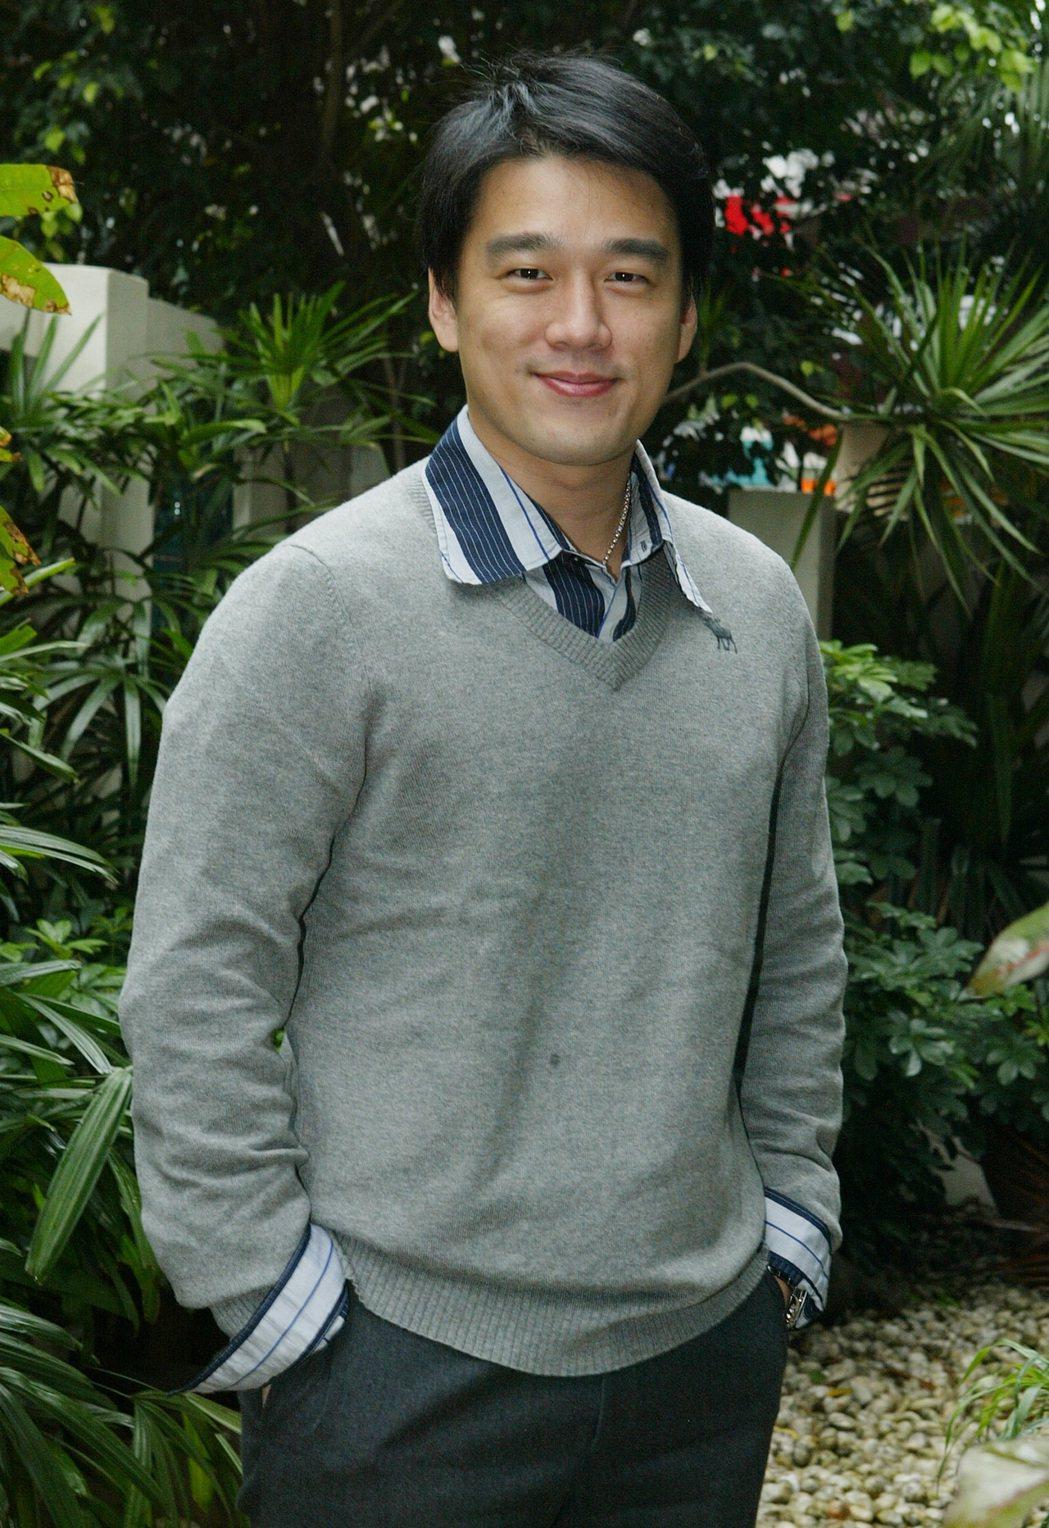 2008年王耀慶拍攝「黑道診所」殺青照。 記者王忠明/攝影